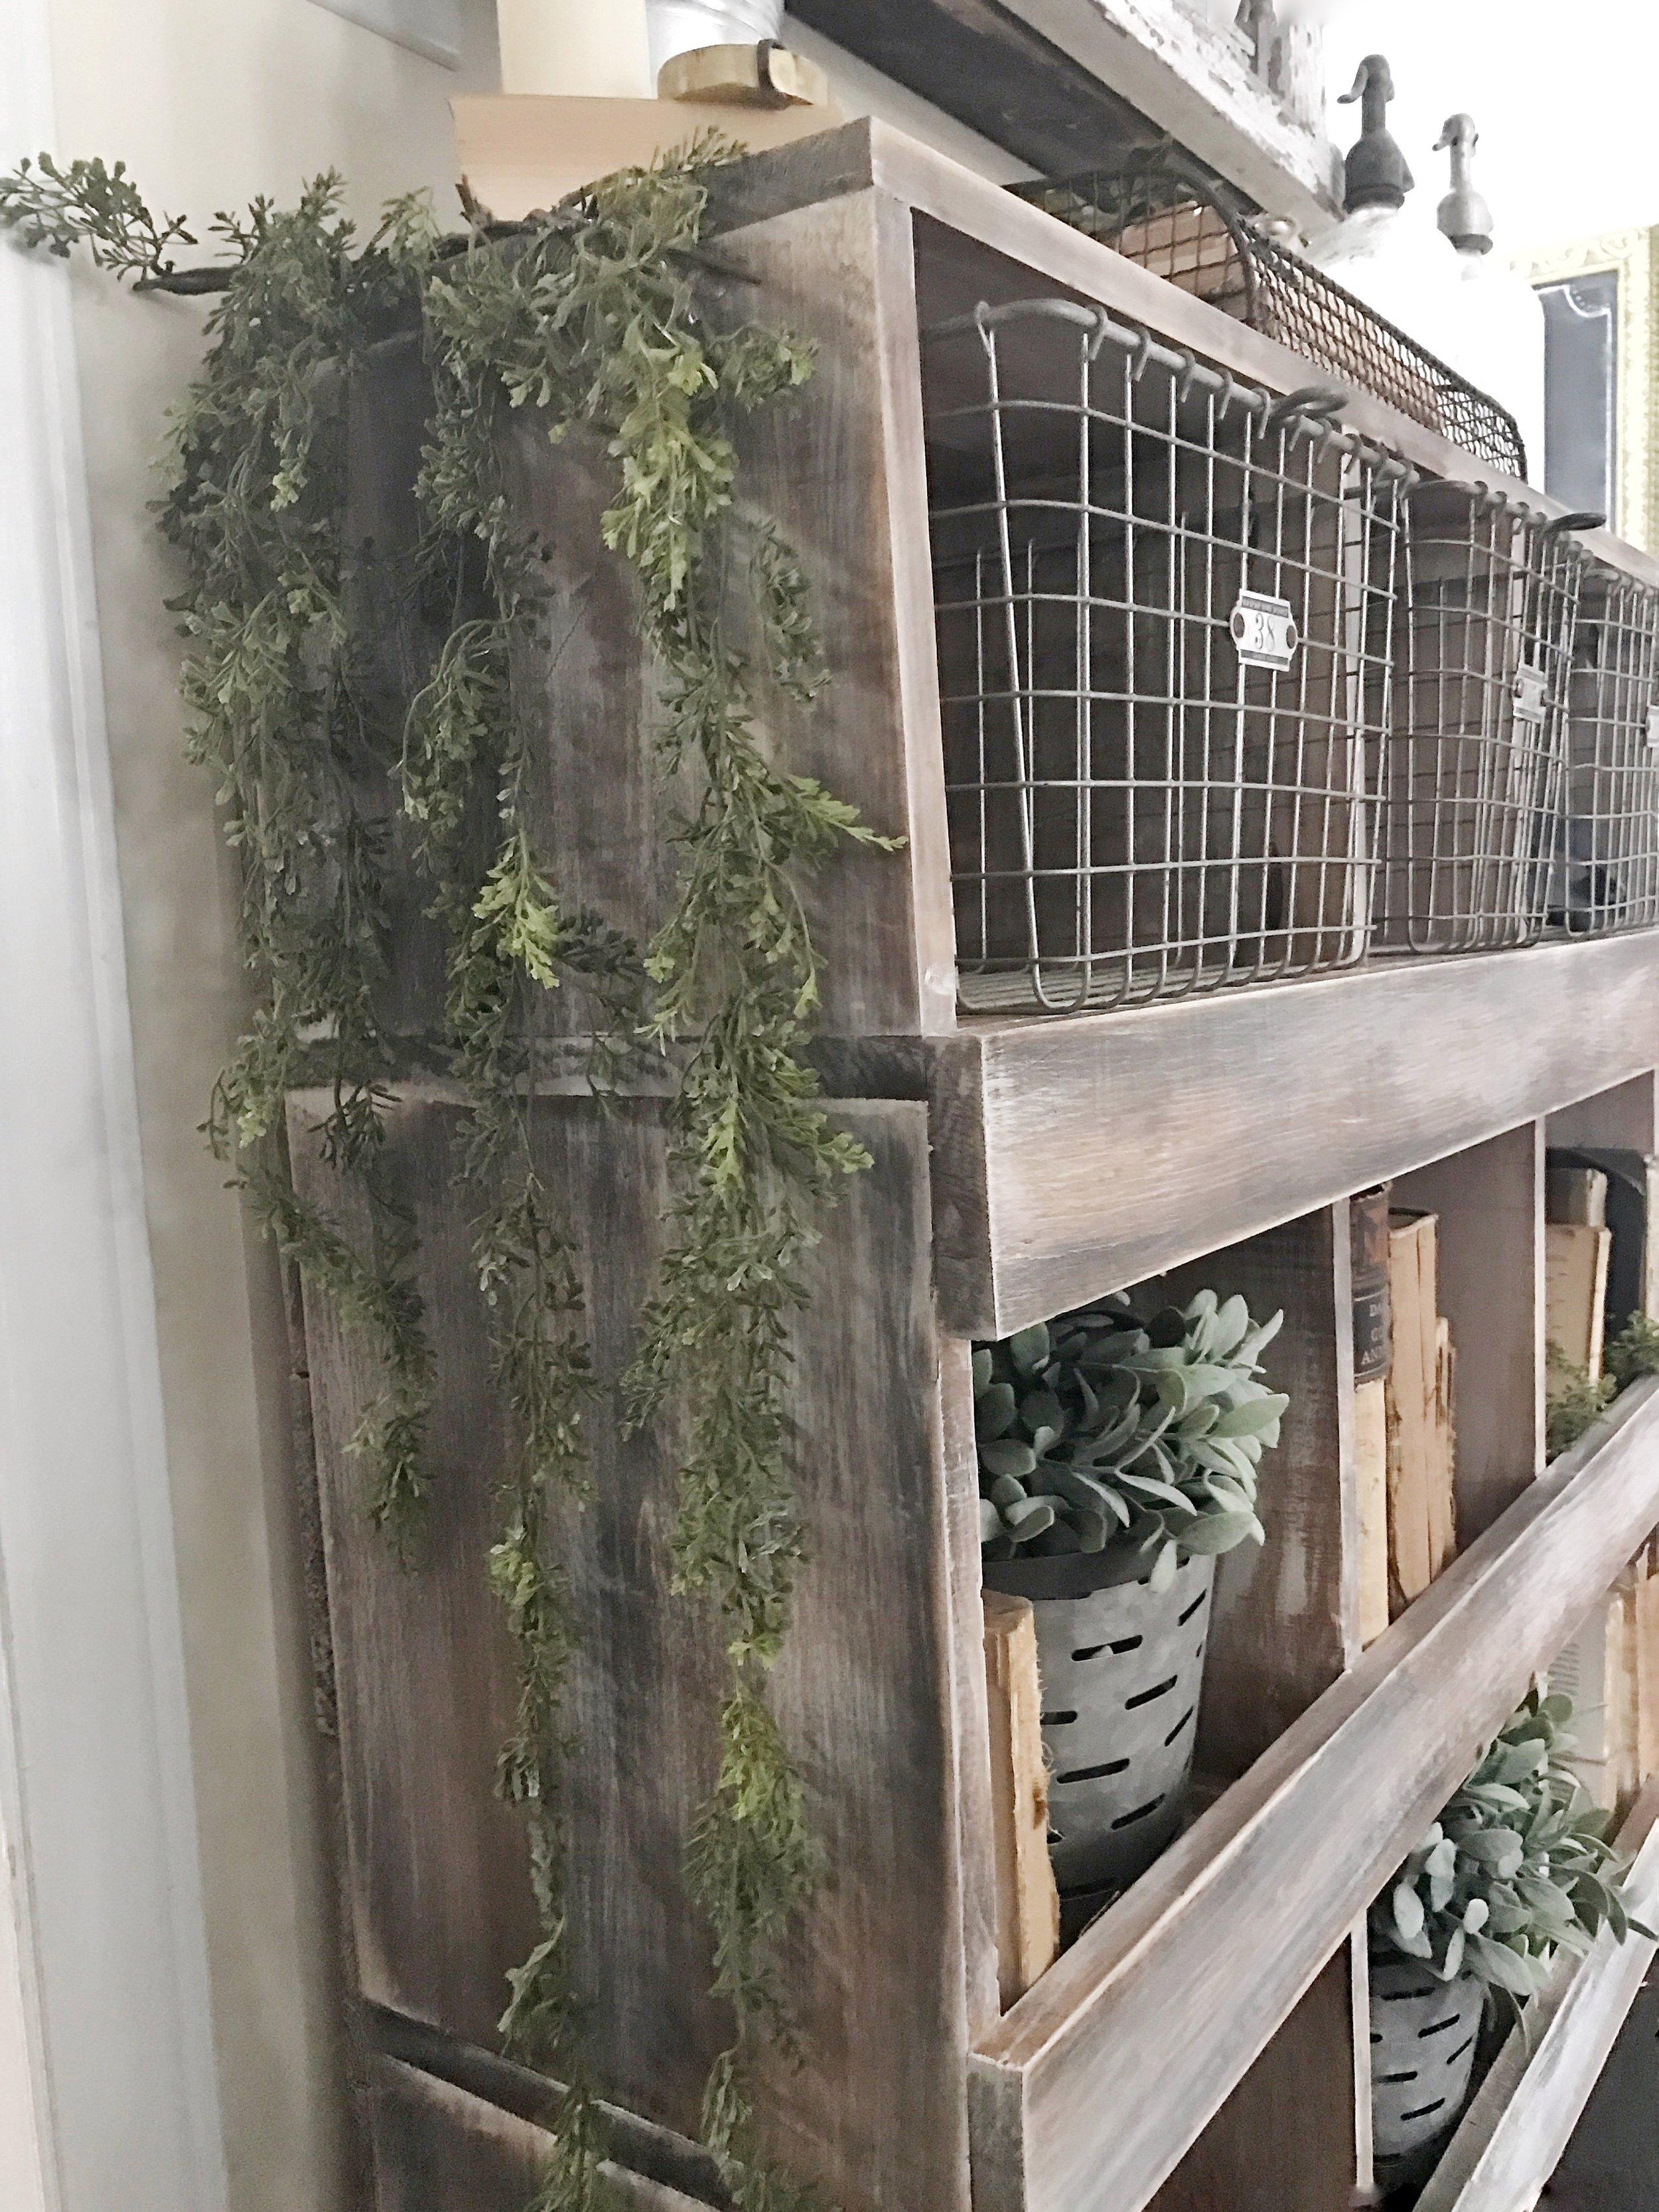 DIY Nesting Box Tutorial